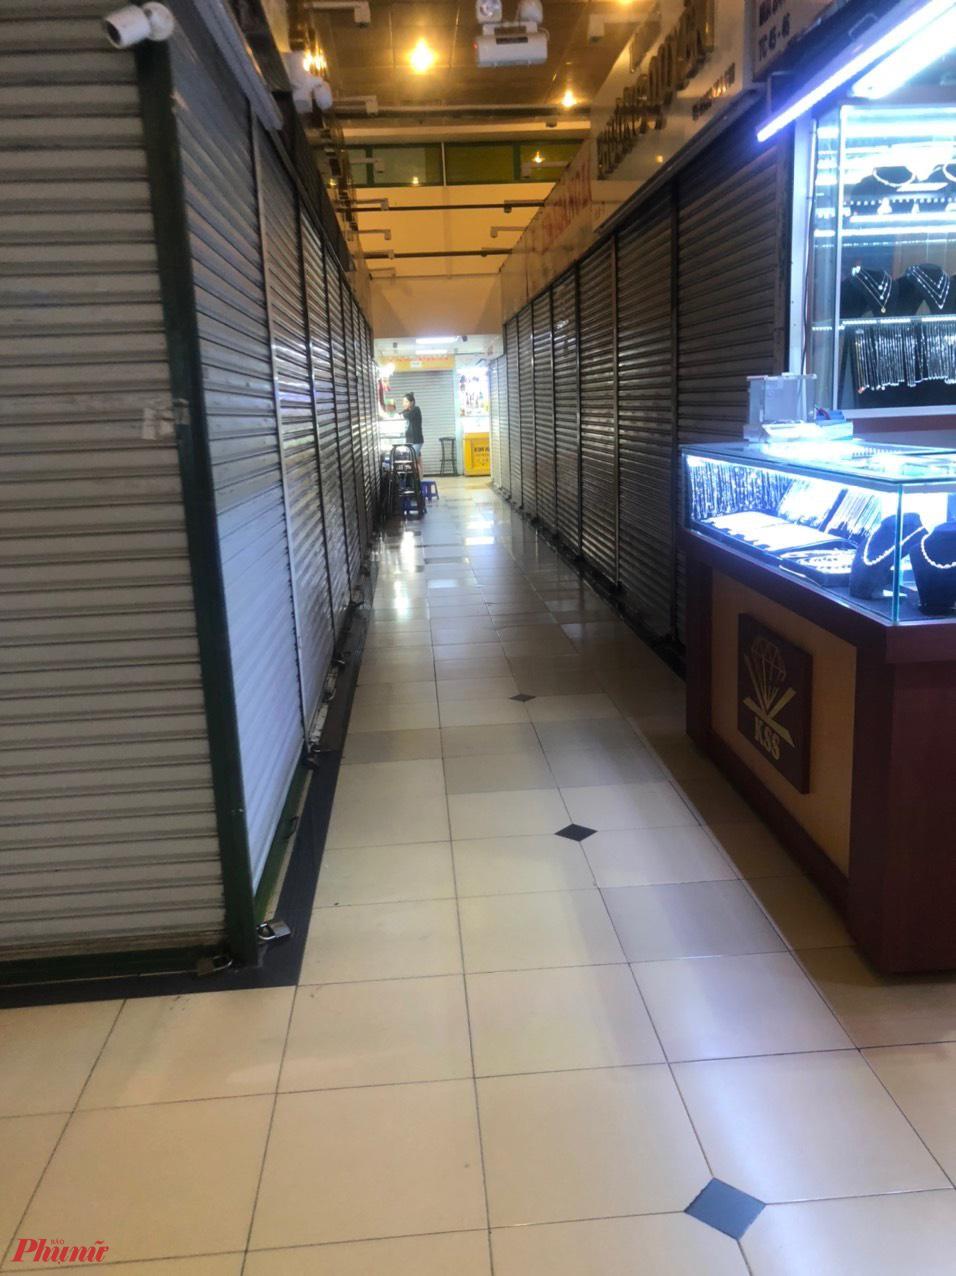 Buôn bán ế ẩm, tiểu thương nhiều chợ đóng cửa nghỉ bán, Sở Công thương TP HCM kiến nghị hỗ trợ tiểu thương vượt qua khó khăn khiến uôn bán ế ẩm, tiểu thương nhiều chợ đóng cửa nghỉ bán